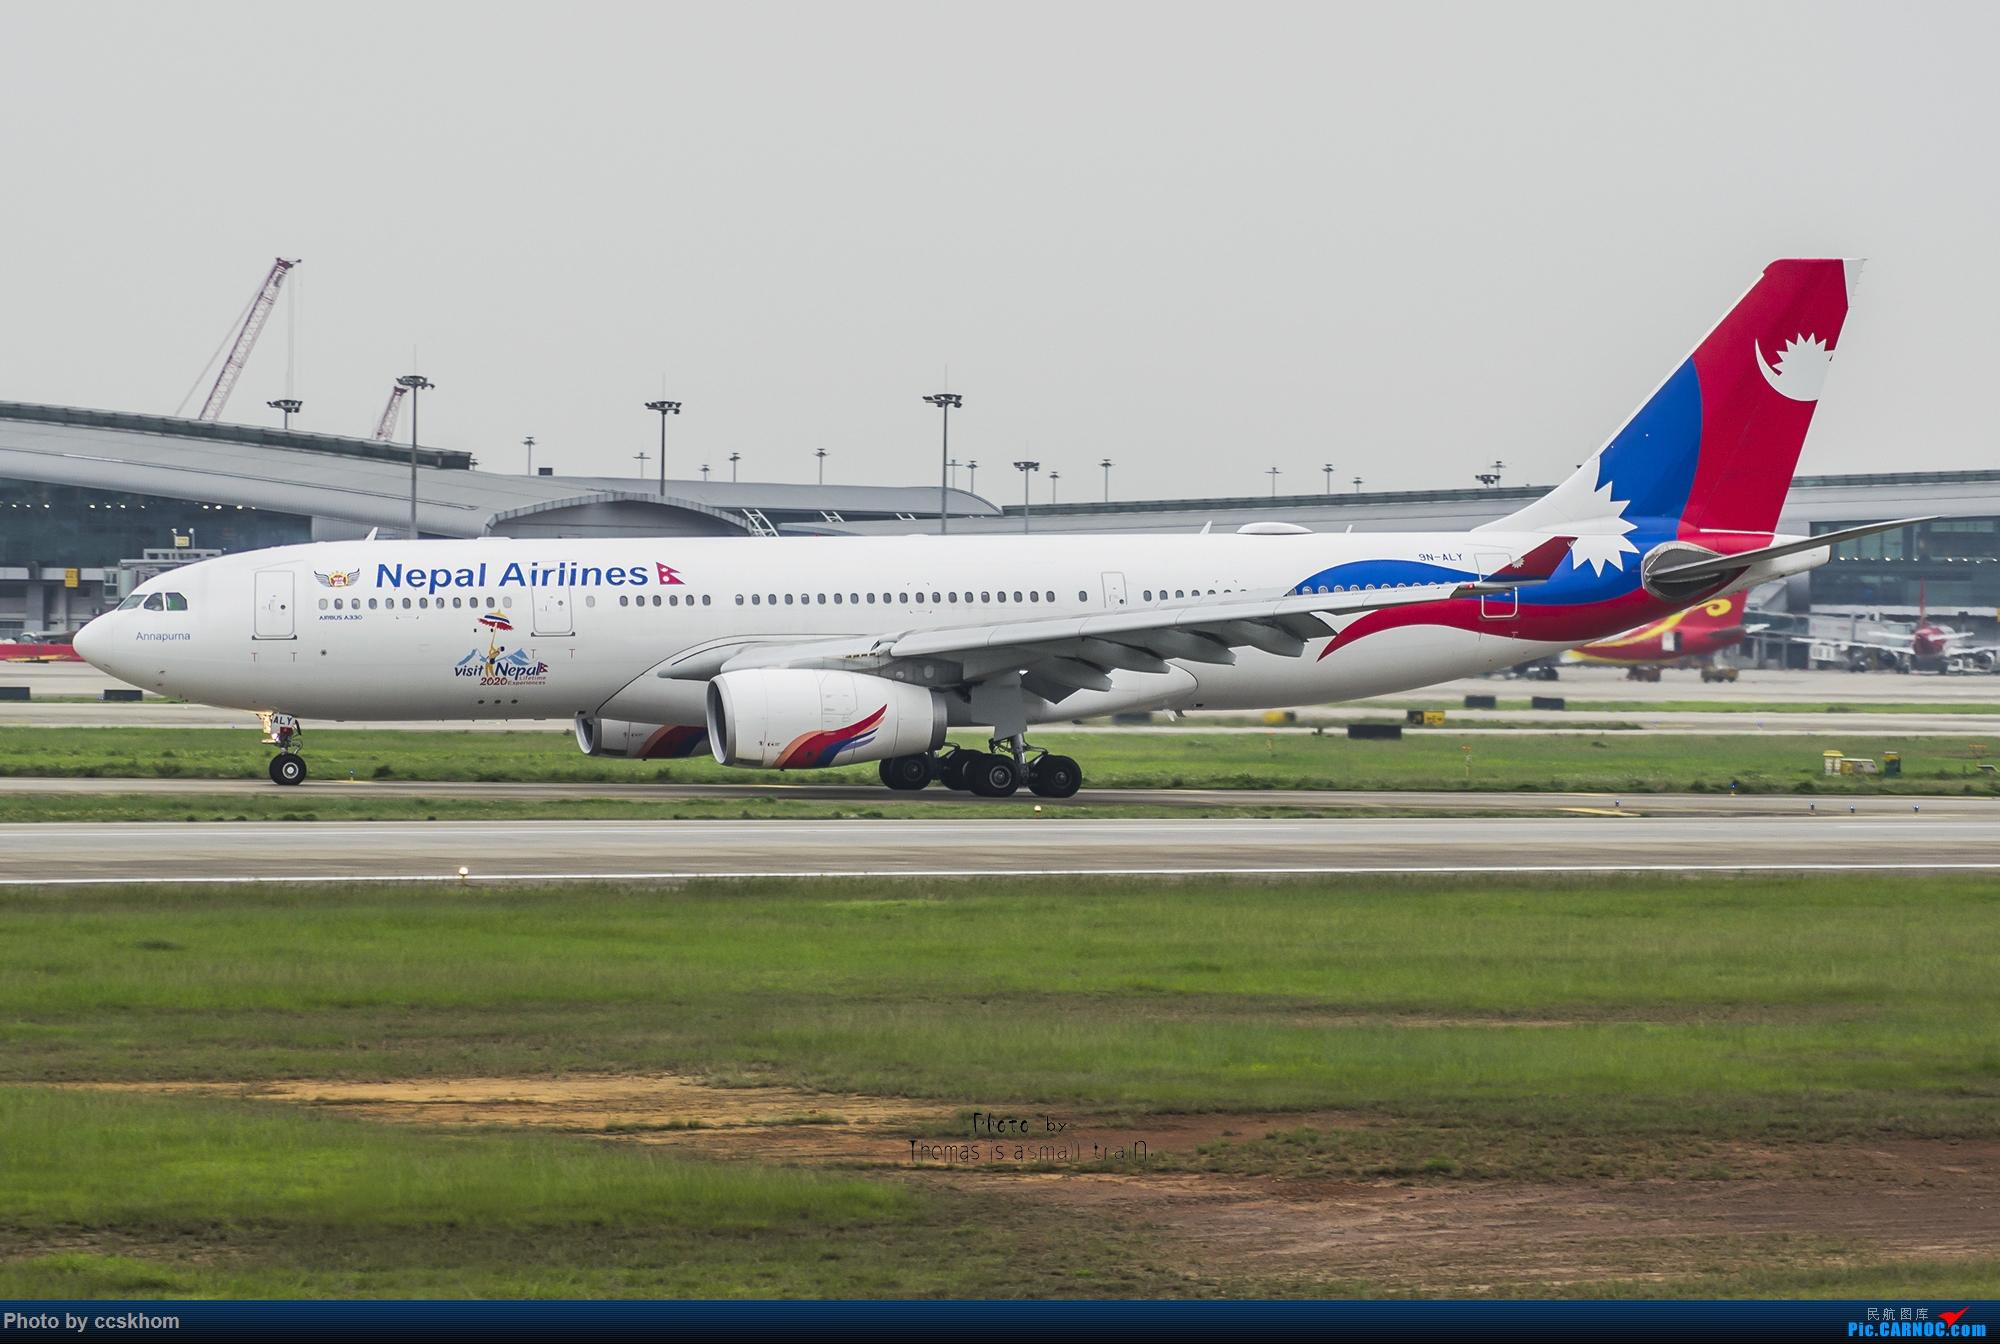 Re:[原创]【合肥飞友会.广州打机队】疫情期间的偶遇 AIRBUS A330-200  中国广州白云国际机场